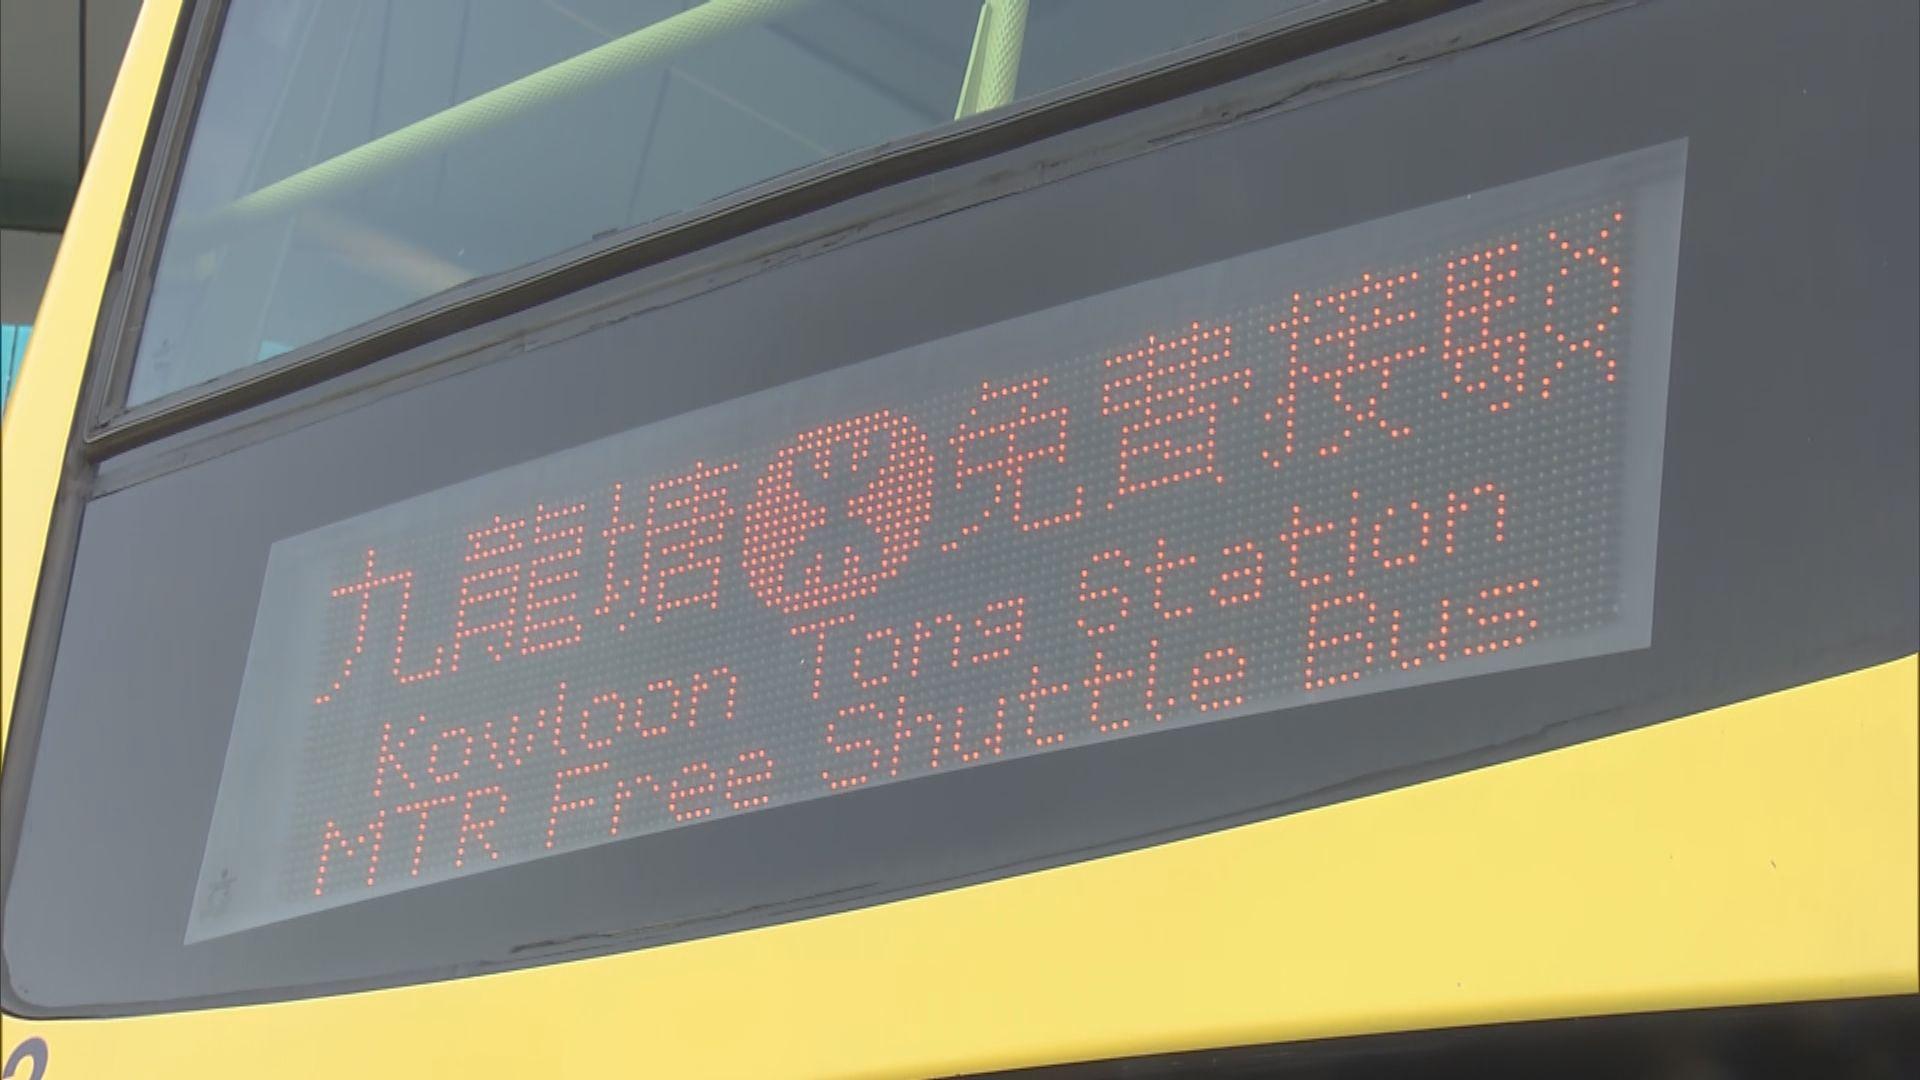 東鐵旺角東至紅磡服務今日暫停 九龍塘有免費接駁巴士